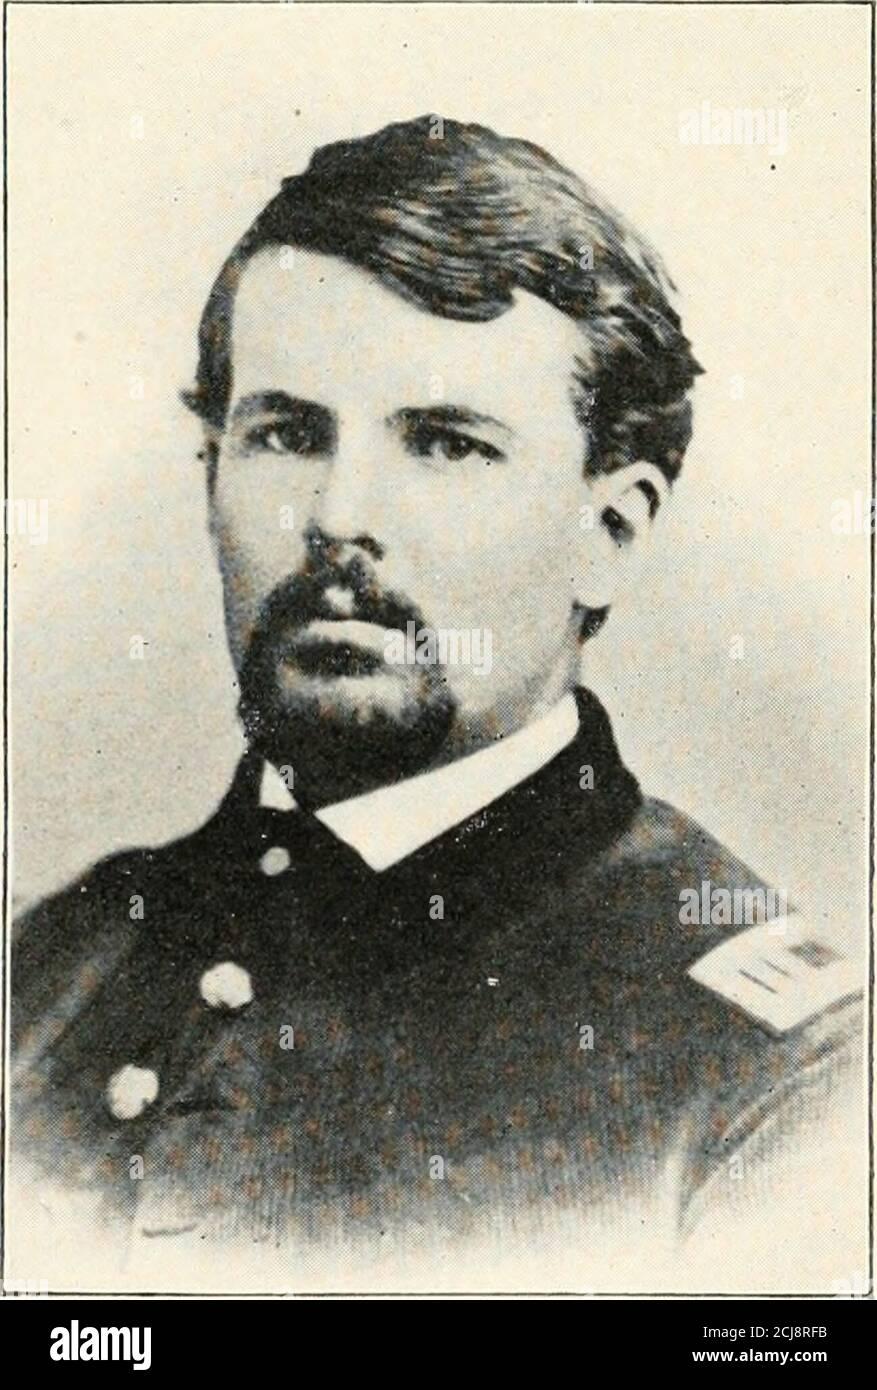 . Historia de los dieciocho voluntarios de New Hampshire, 1864-5. CAP. ELIAS F. SMITH, COMPAÑÍA BCART. JOHN O, WALLINGFORD, COMPAÑÍA C CAPT. WM. S. GREENOUGH, EMPRESA DCAPT. WM. A. GILE, COMPAÑÍA E UBllcuBRARr  Barker privado 61 ha sido baleado por ambas piernas, La medalla de honor debe ser dada a los privados John Wilder Boutwell y Carlton N.Camp de la Compañía B. Private Barker en relación con la manera manosa en que la muerte fue satisfecha por Wilfrid Barker de la Compañía G, mayor Potter escribe: Cuando coloqué a los hombres en la línea de la escaramuza, les adecí que se quedaran en la trinchera que conectaba las estaciones de picketstations, a Foto de stock